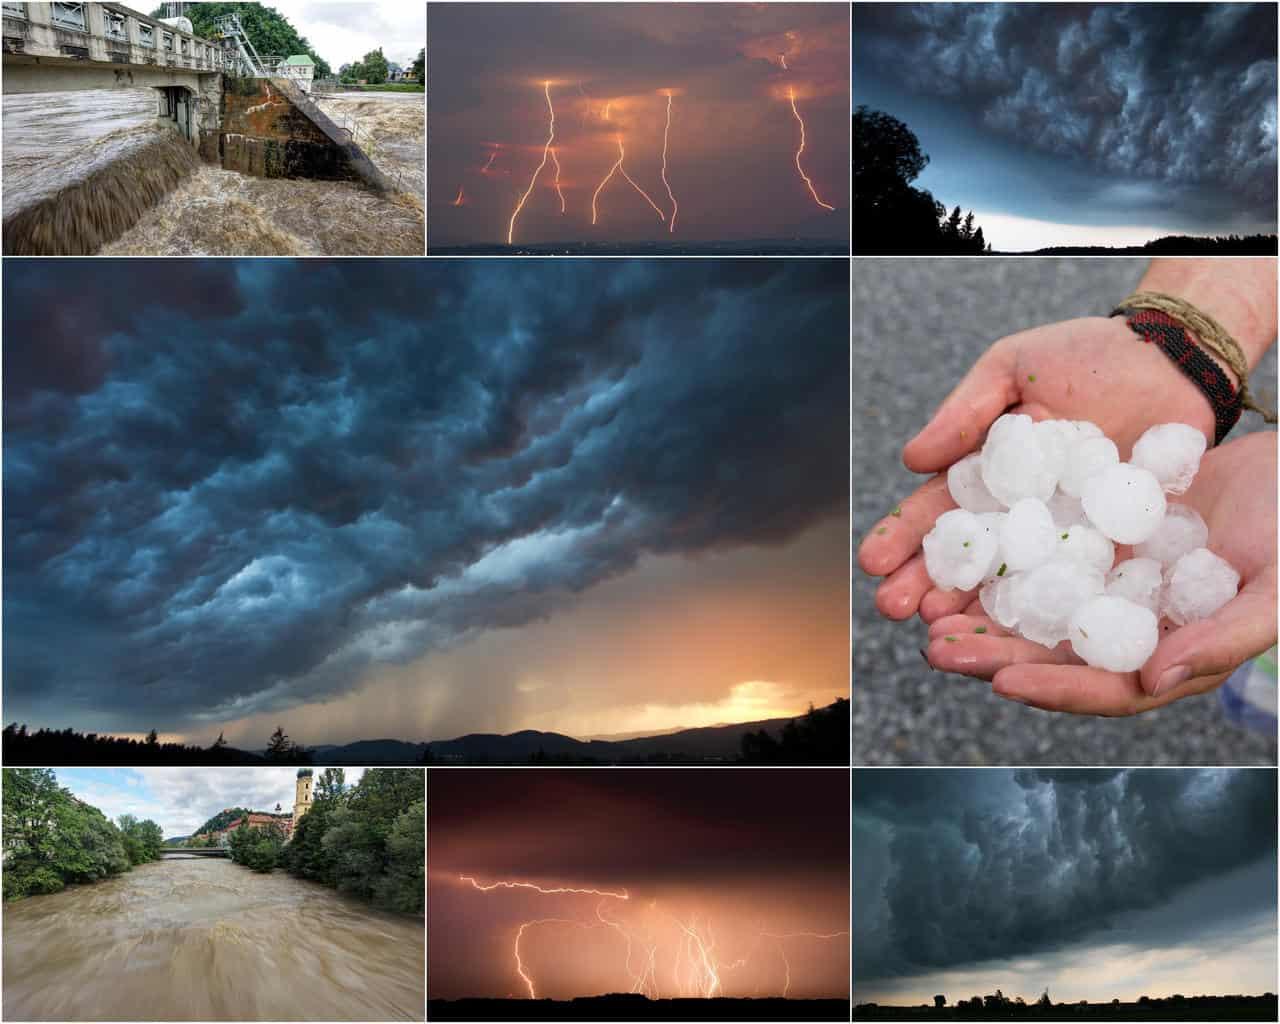 meteo 14366 1 - Gran BOTTO di TEMPORALI Luglio: meteo estremo d'Estate, GRANDINE